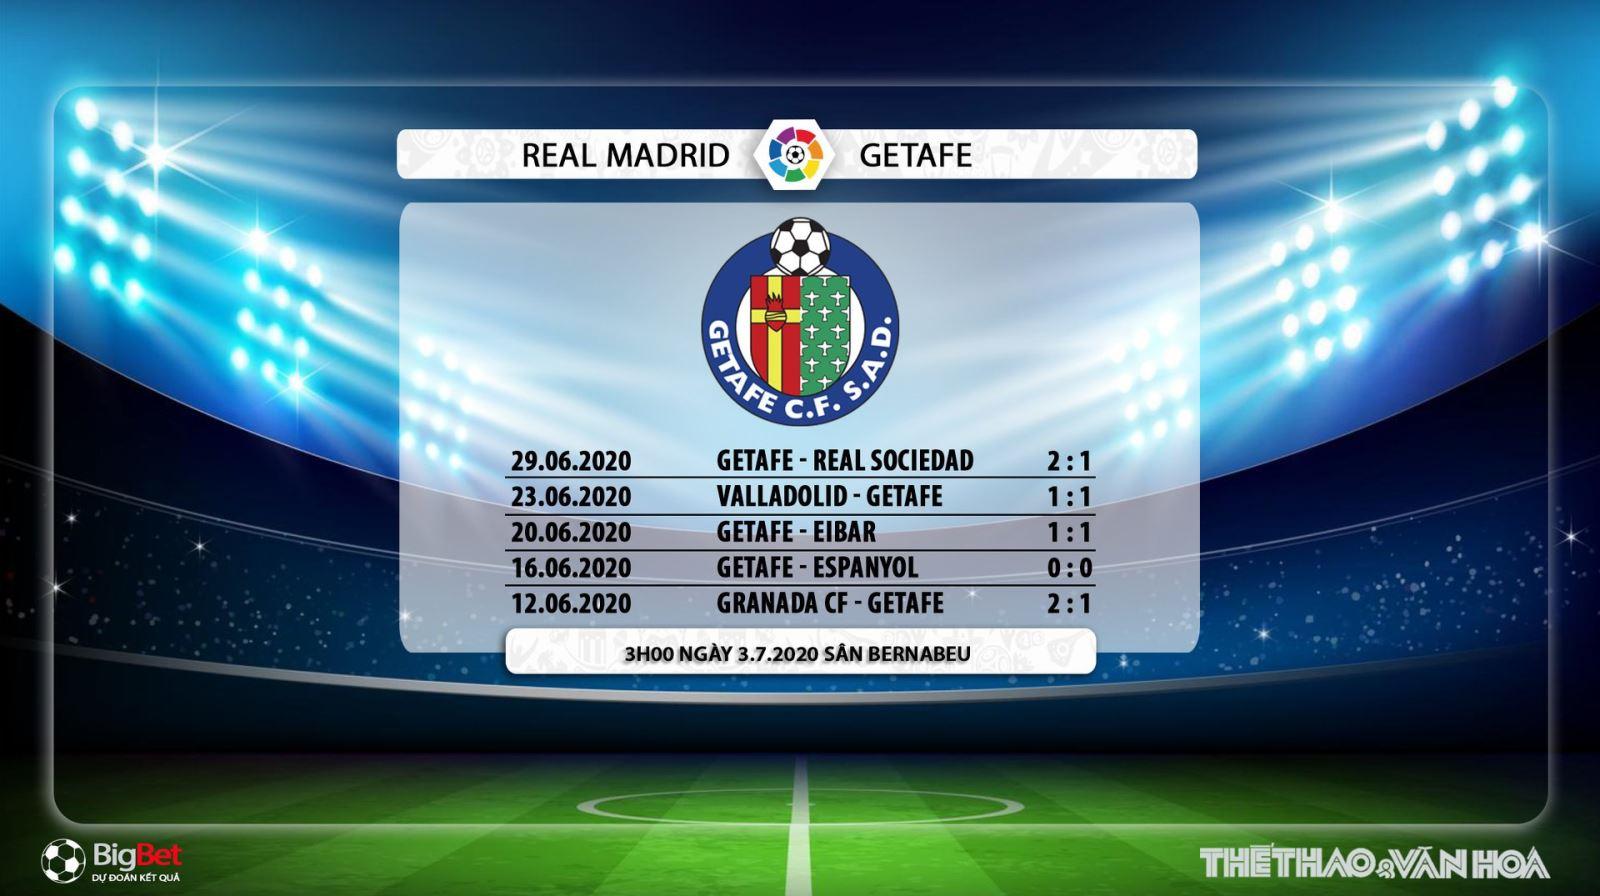 Real Madrid vs Getafe, bóng đá, trực tiếp Real Madrid vs Getafe, soi kèo Real Madrid vs Getafe, lịch thi đấu, nhận định, dự đoán, kèo bóng đá, soi kèo